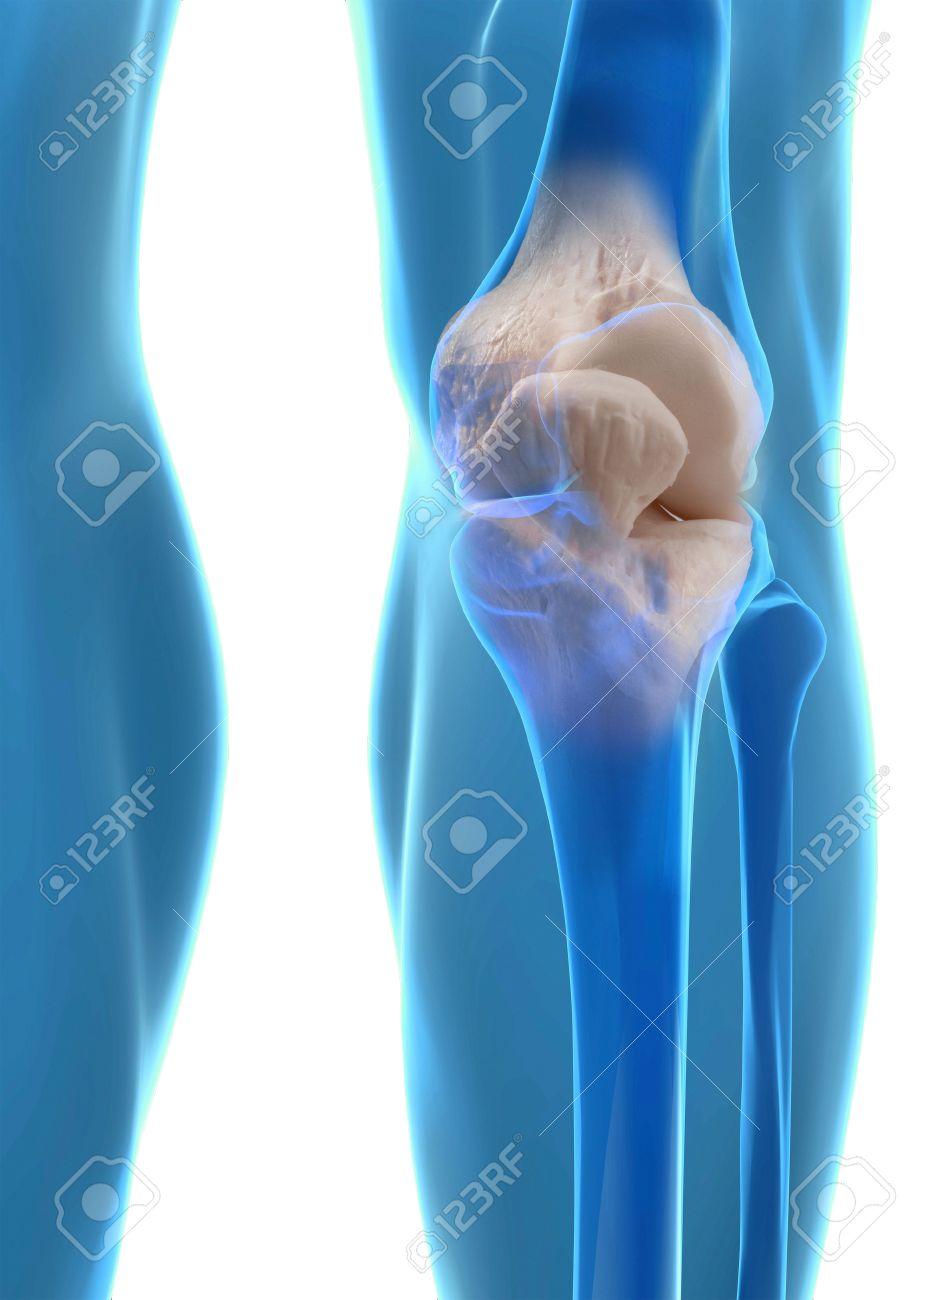 Anatomía De La Rodilla Humana Con El Fémur, La Tibia Y El Peroné ...